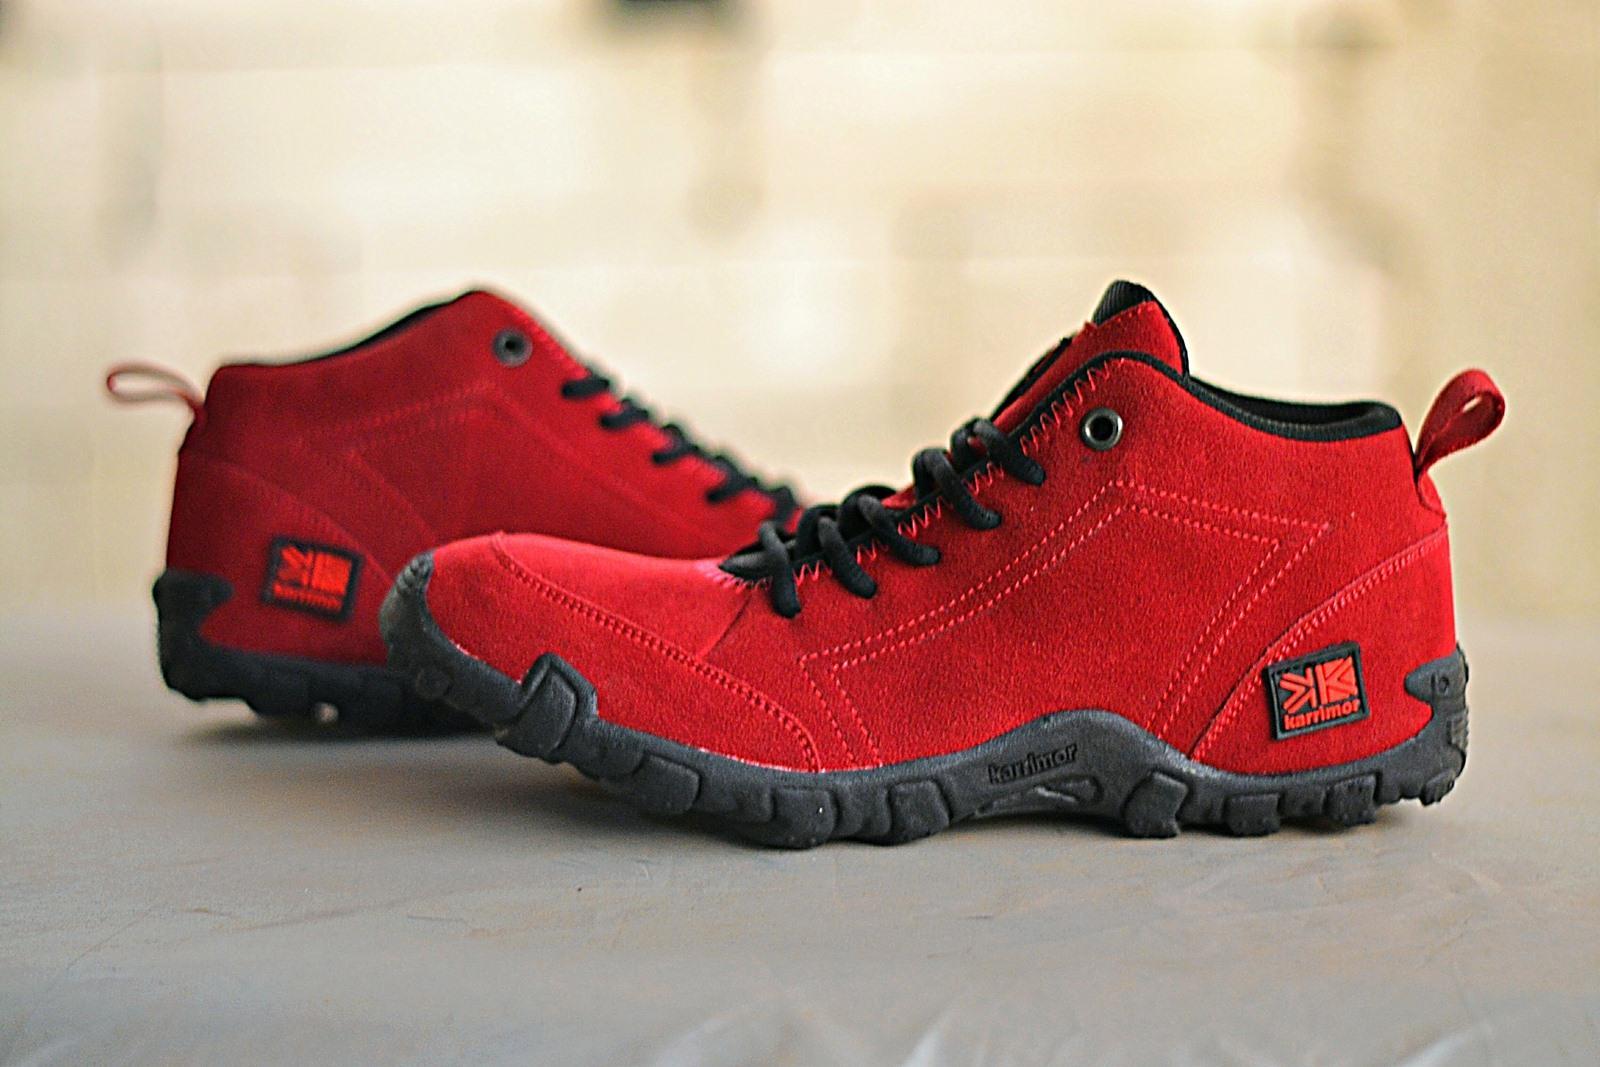 sepatu gunung pria tipe casual – sepatu hiking outdoor  – sepatu karrimor gunung  sepatu mendaki gunung (hiking)